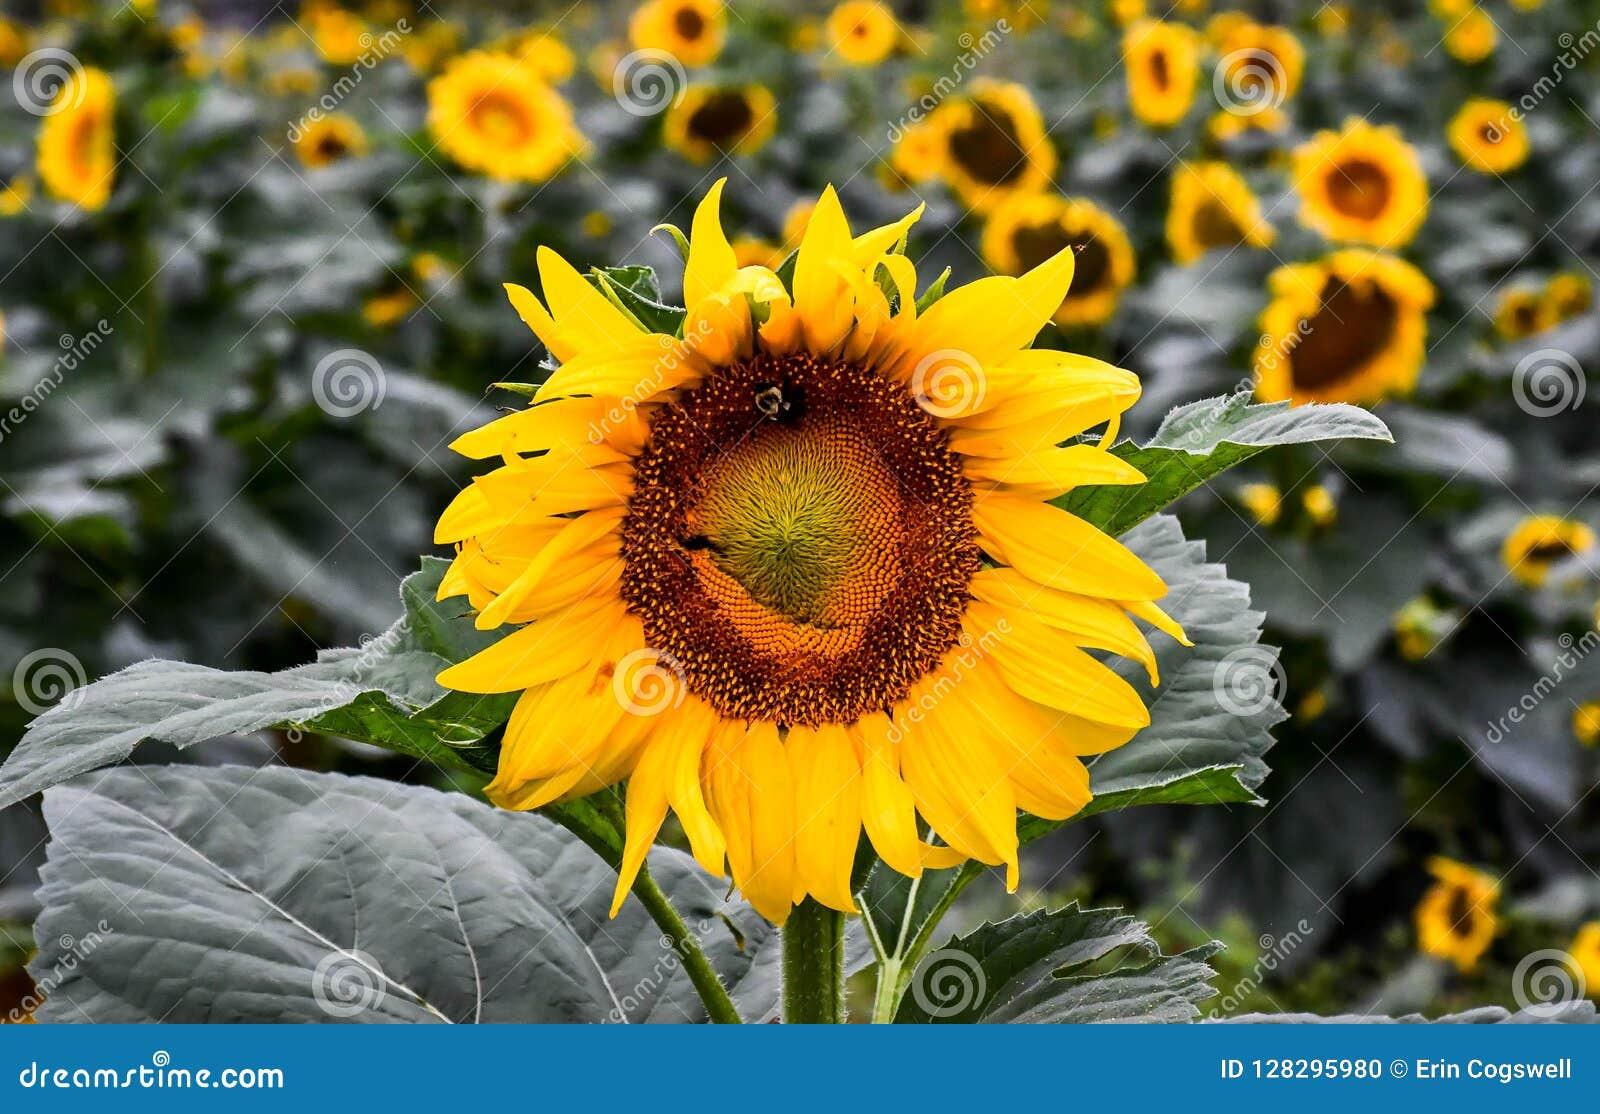 Ett bi på en blommande solros, jaspis, Georgia, USA